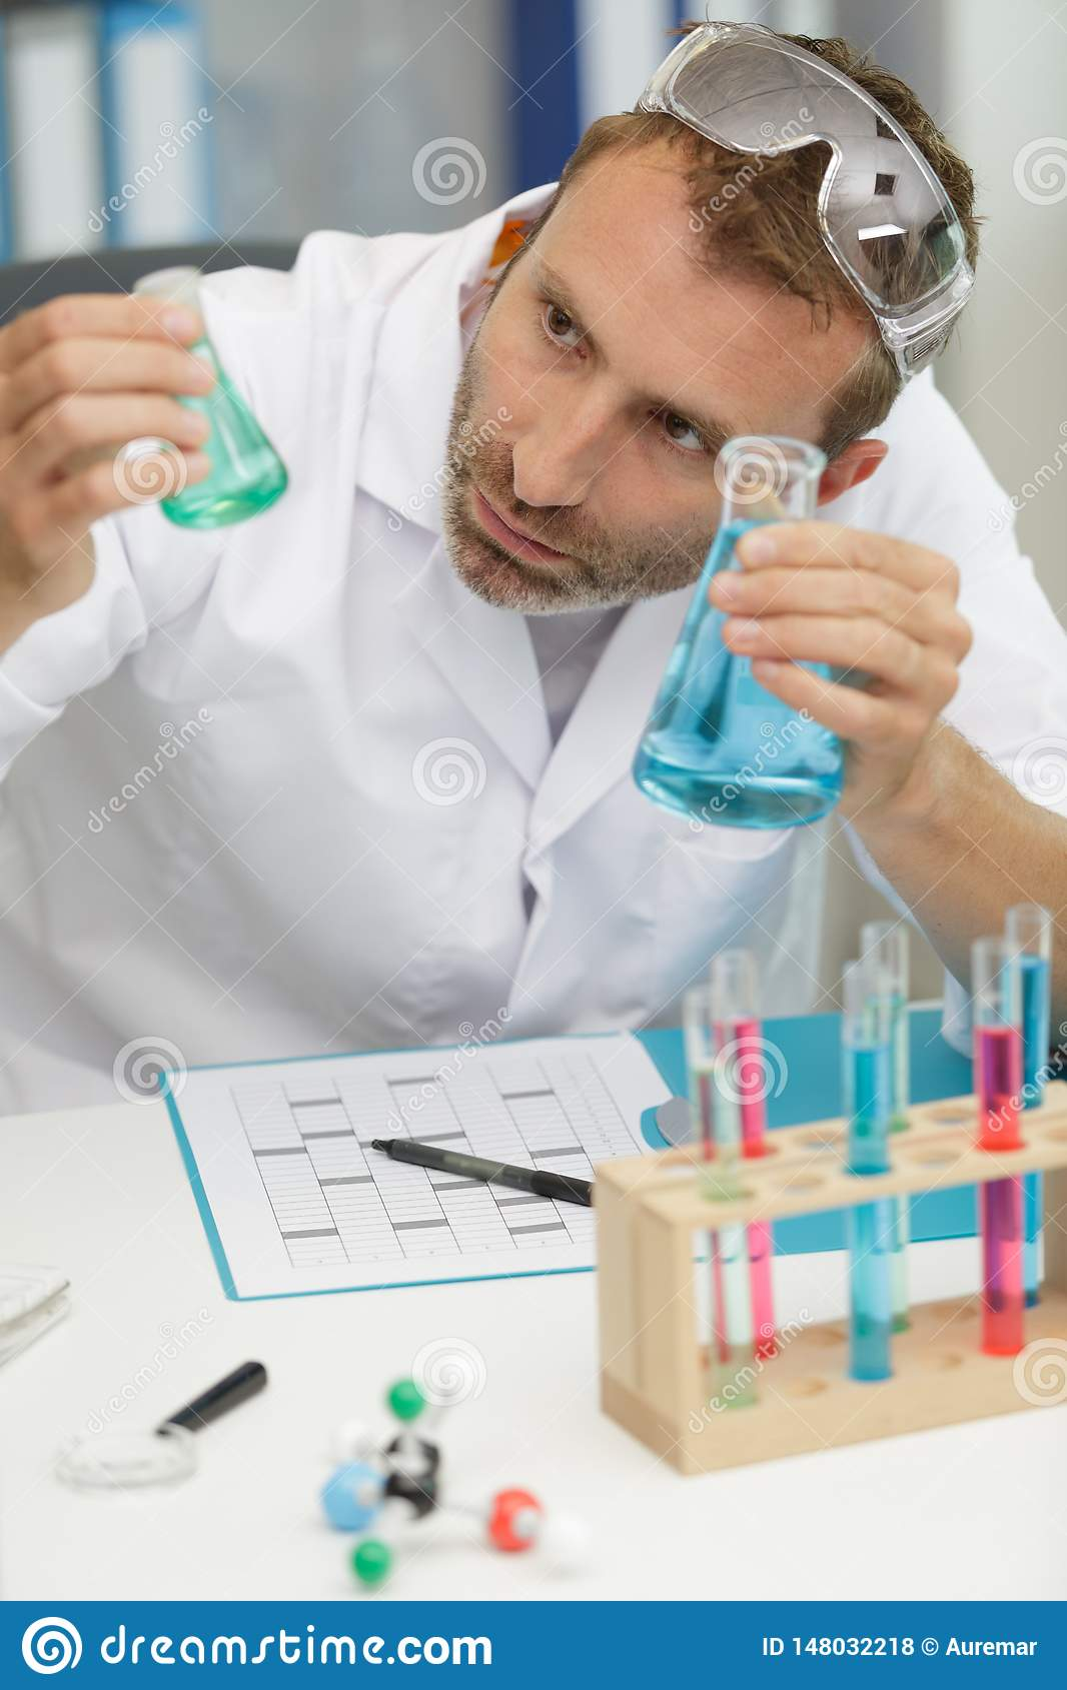 做实验的被集中的试验室工怍人员